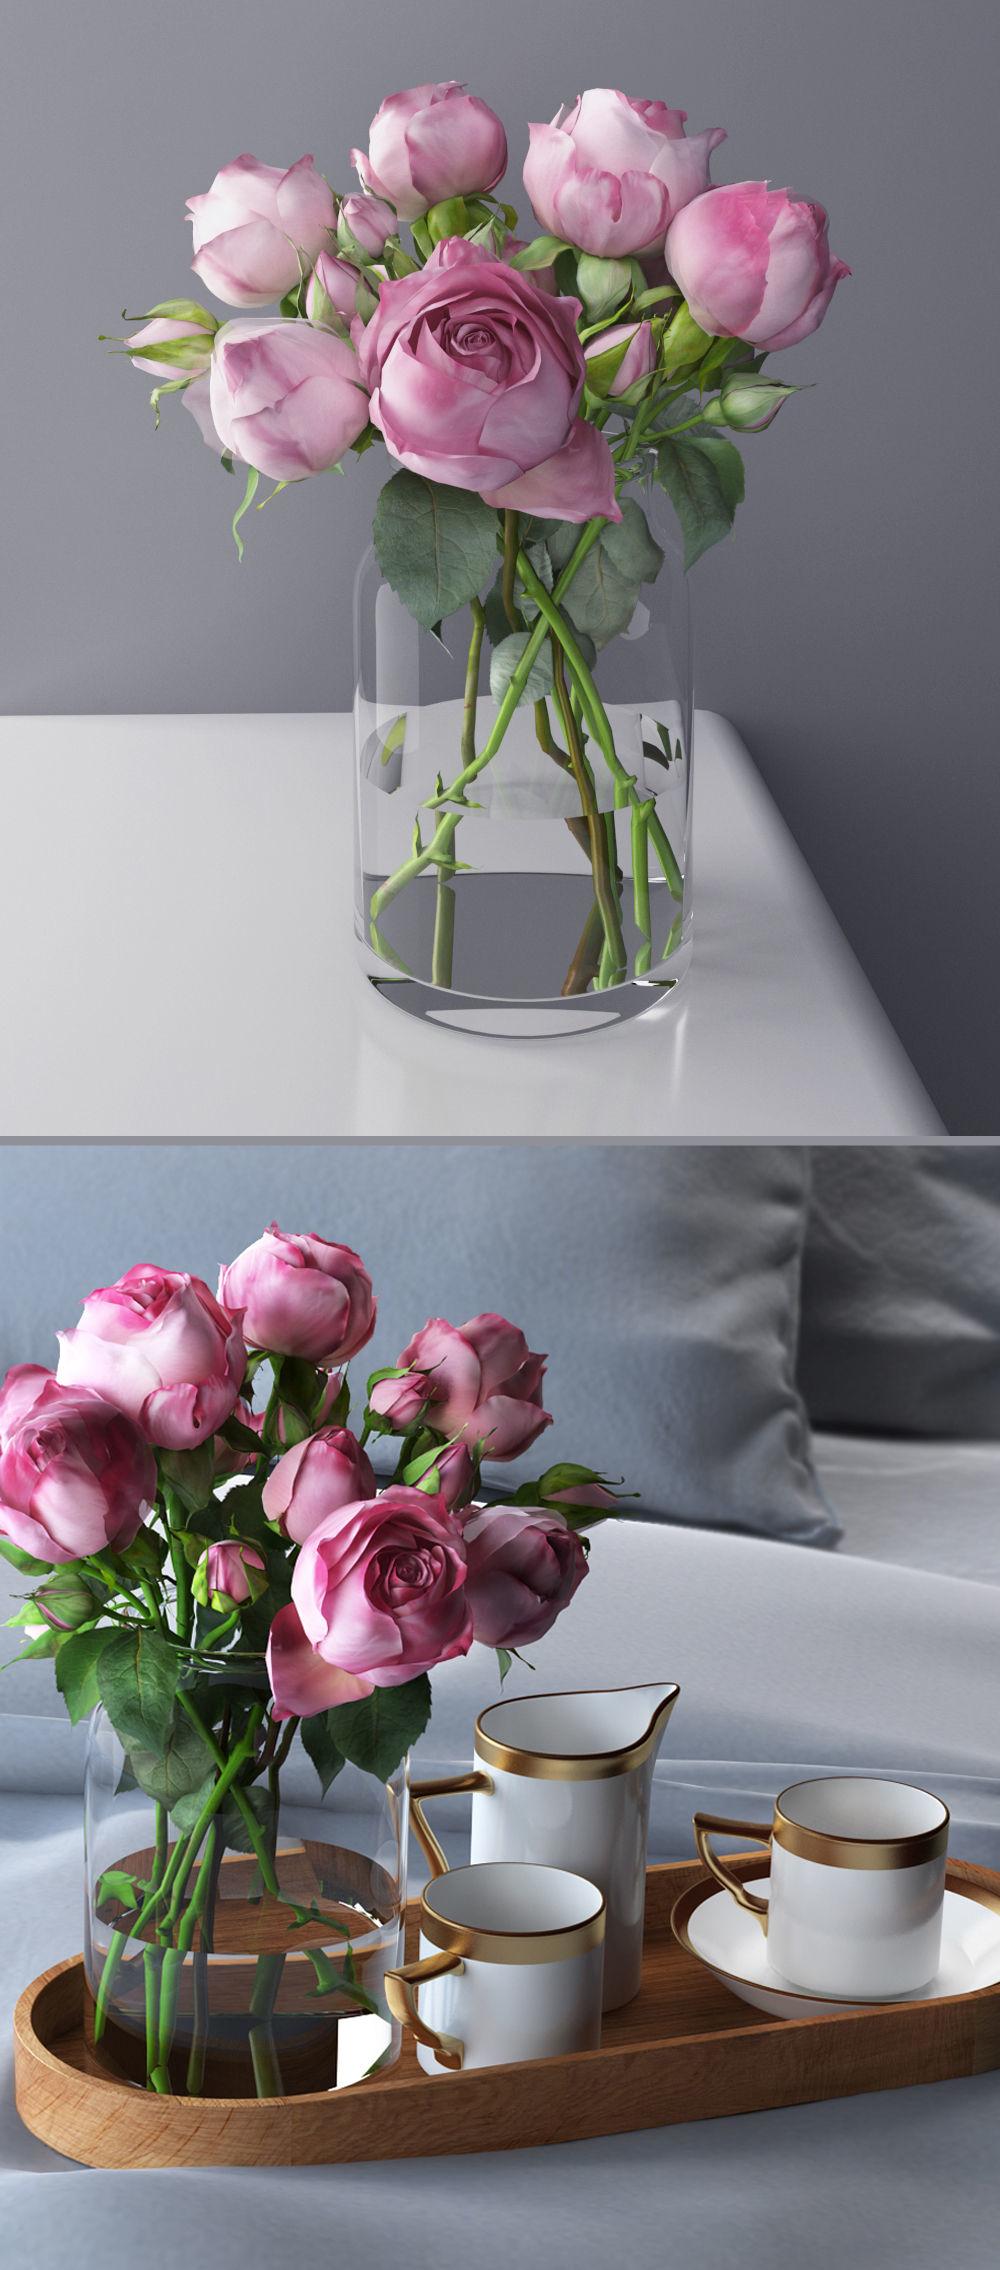 3D rose bouquet coffee set